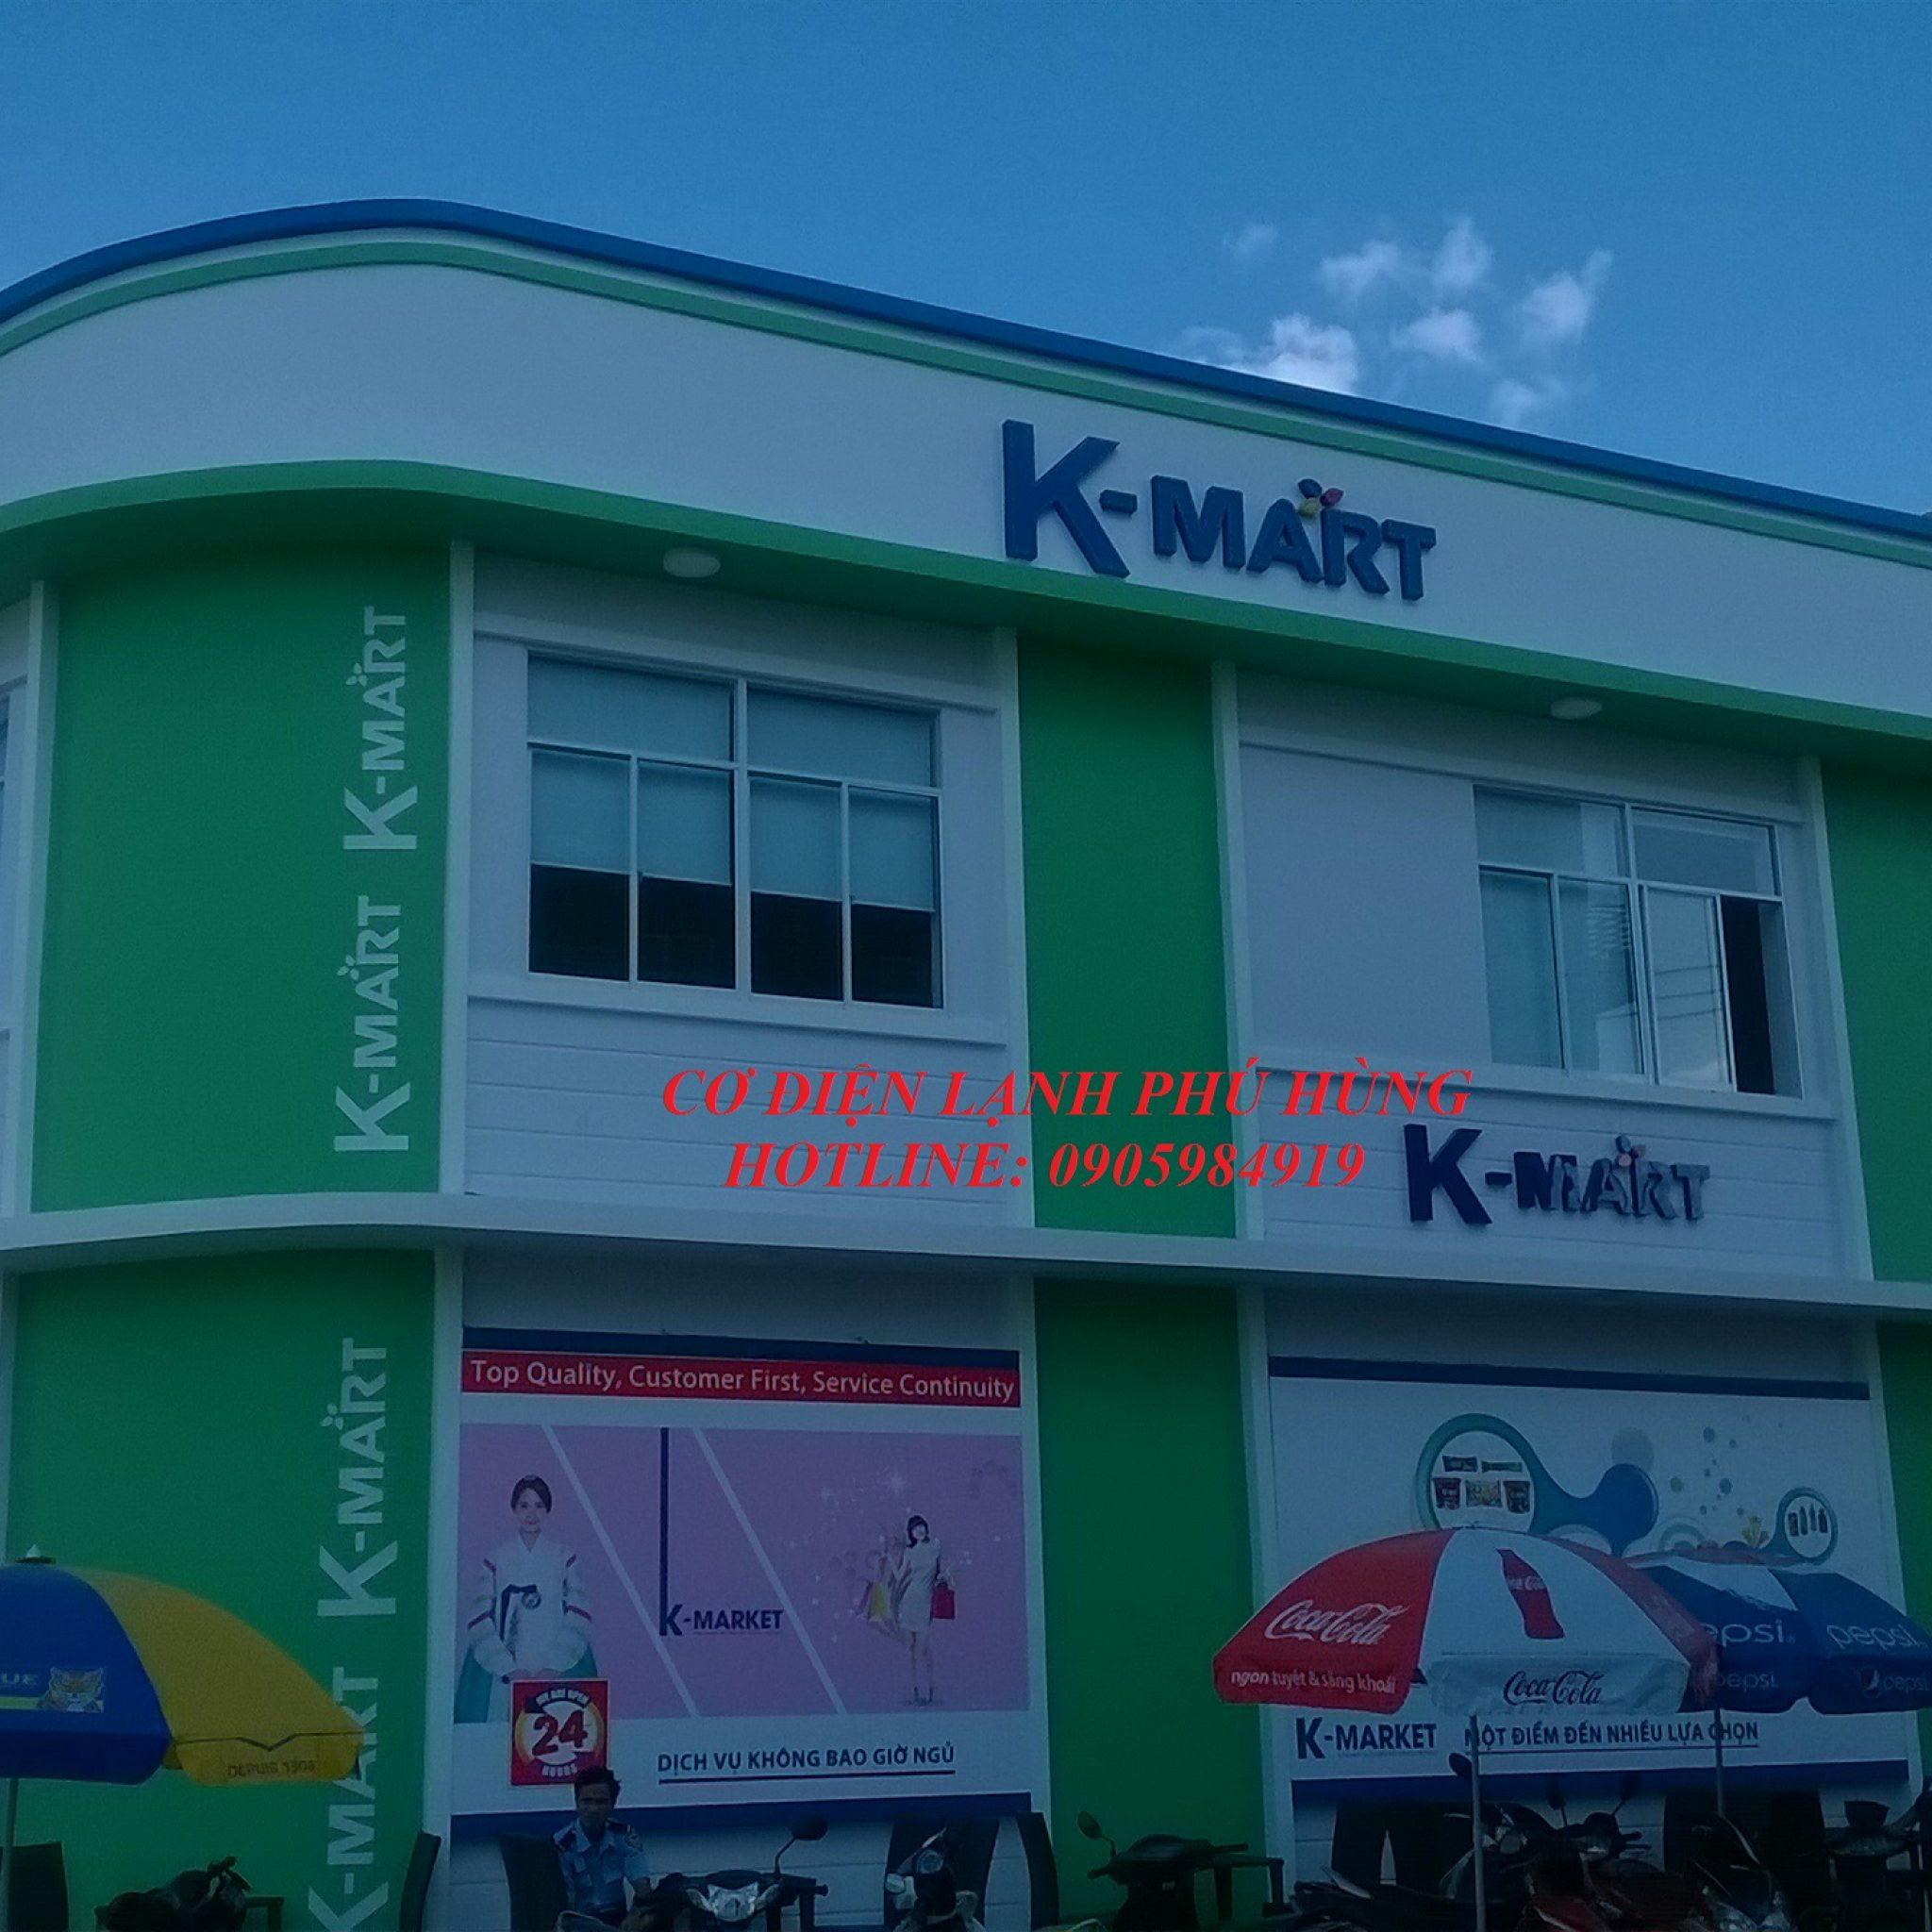 1A - lắp đặt kho lạnh tại siêu thị Kmart Đà Nẵng  cơ sở 2